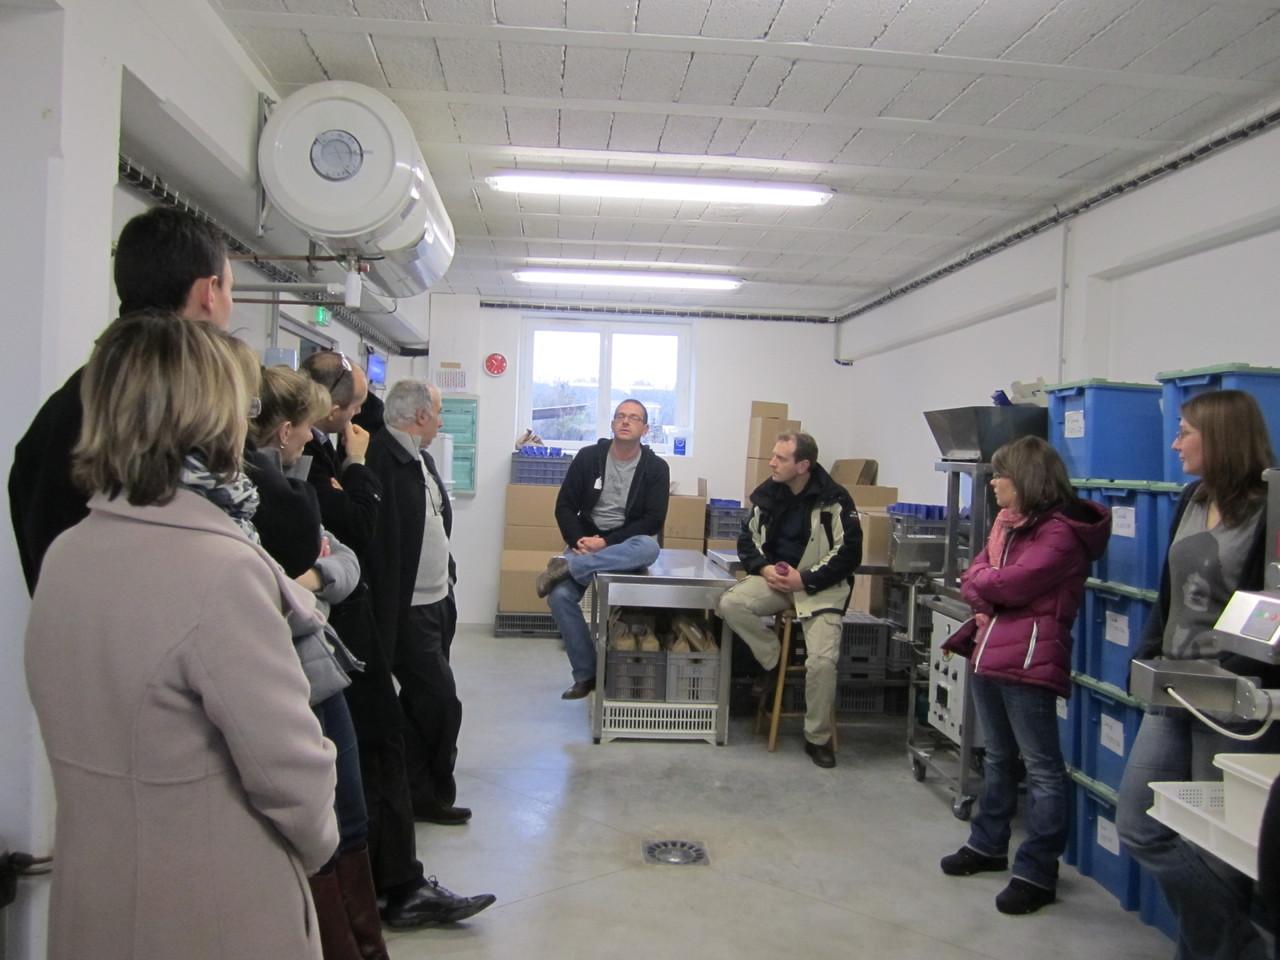 Visite de l'atelier Pâtes et farines à la ferme, chez Duclos Gonet - Crémieu (38)